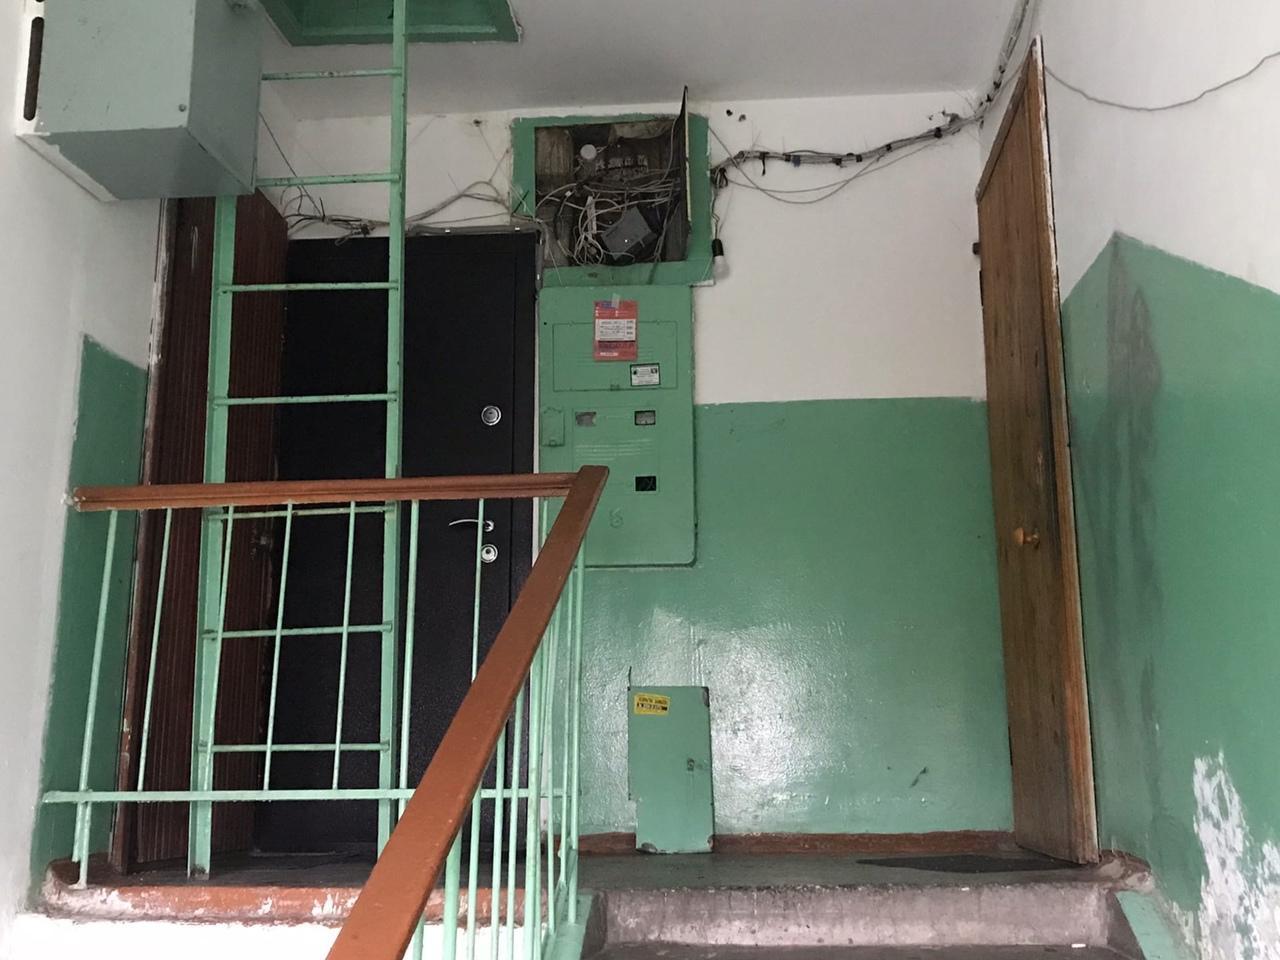 Фото «Соседи помогали спасти ребёнка»: 32-летняя мать выпрыгнула из окна из-за угрозы лишения родительских прав в Новосибирске 4